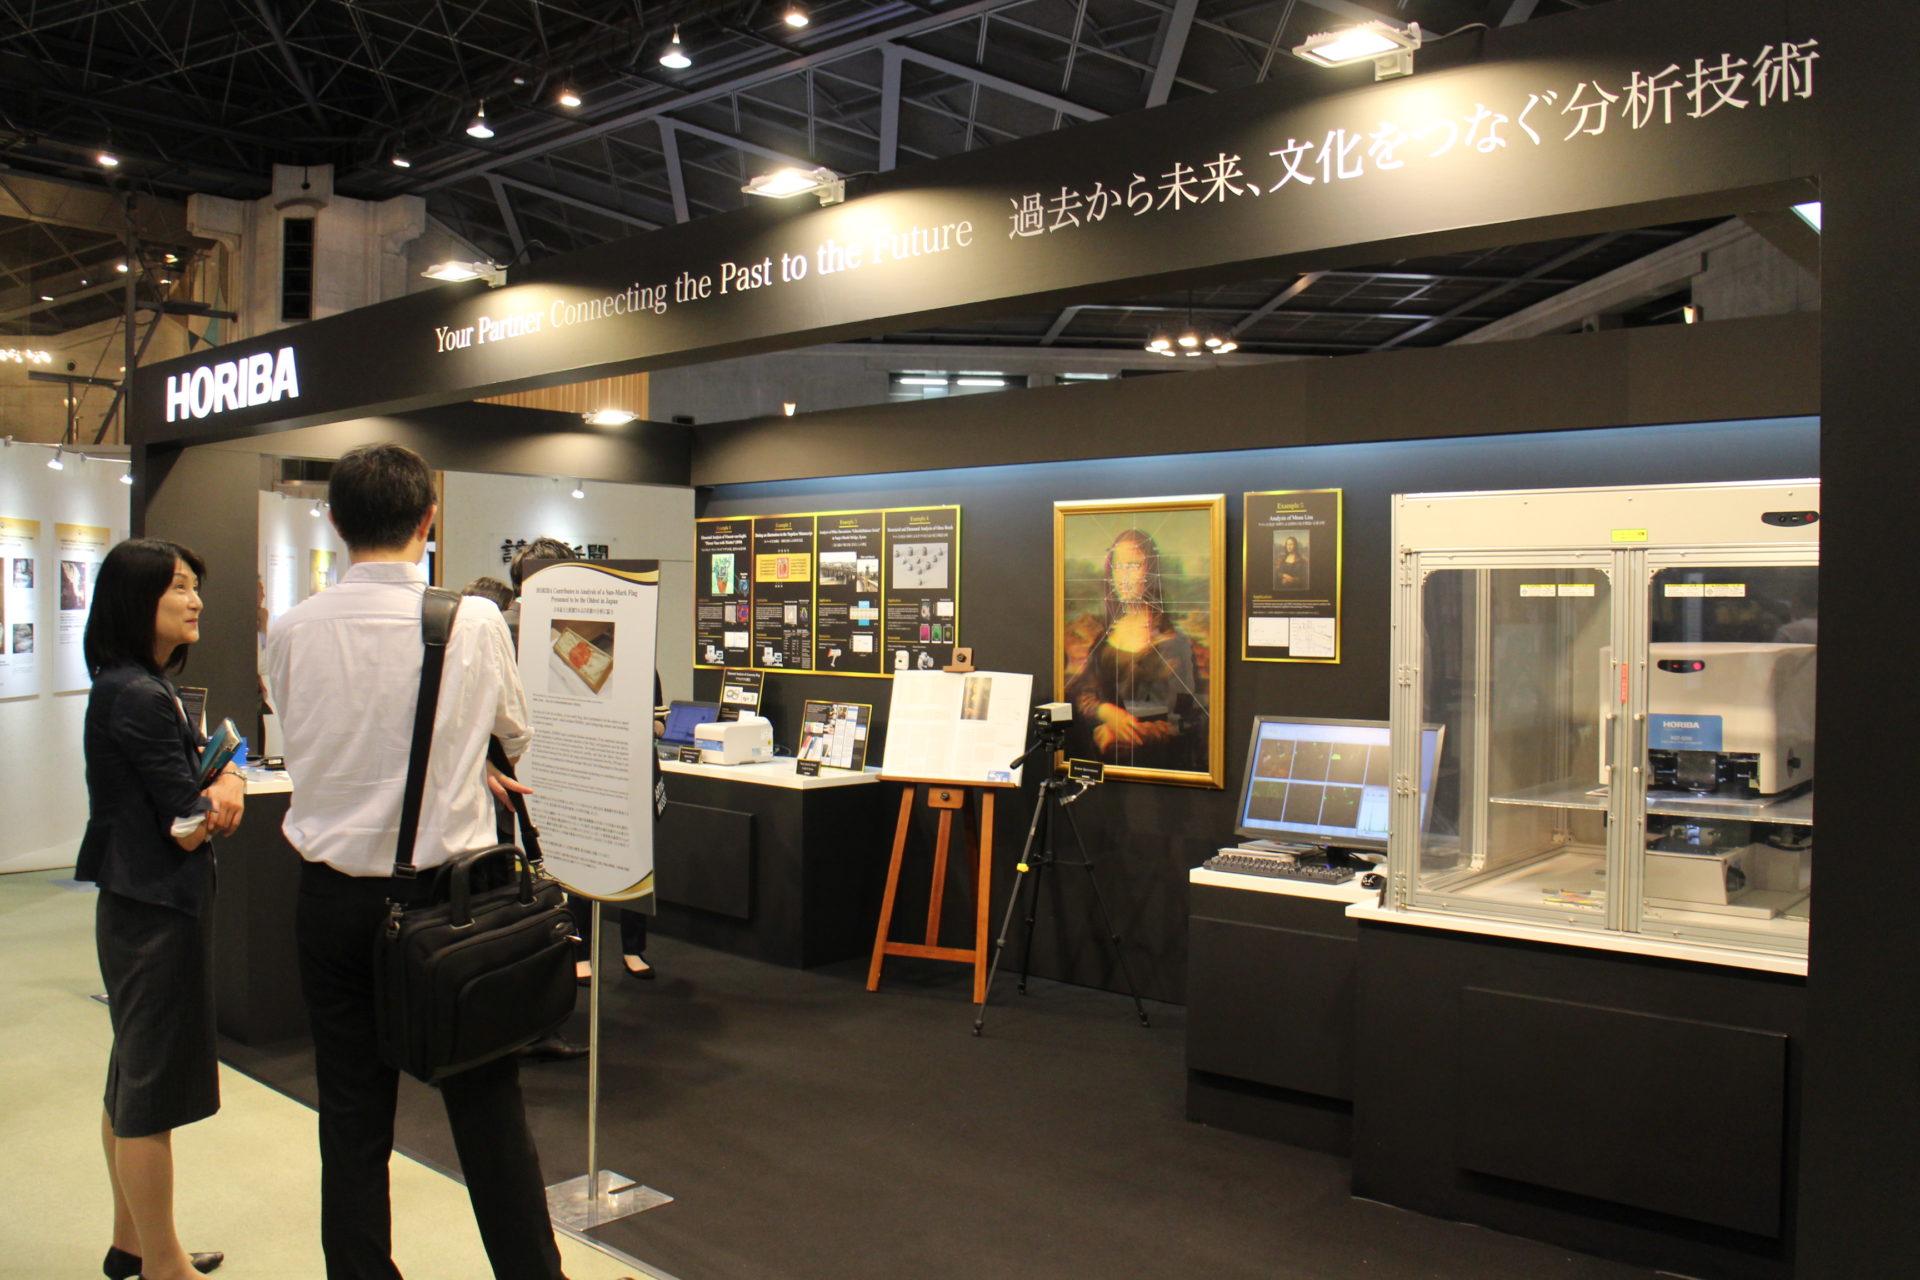 【博物之島專文】我們的博物館服務產業鏈在哪?從大會商展觀察各國博物館界發展概況